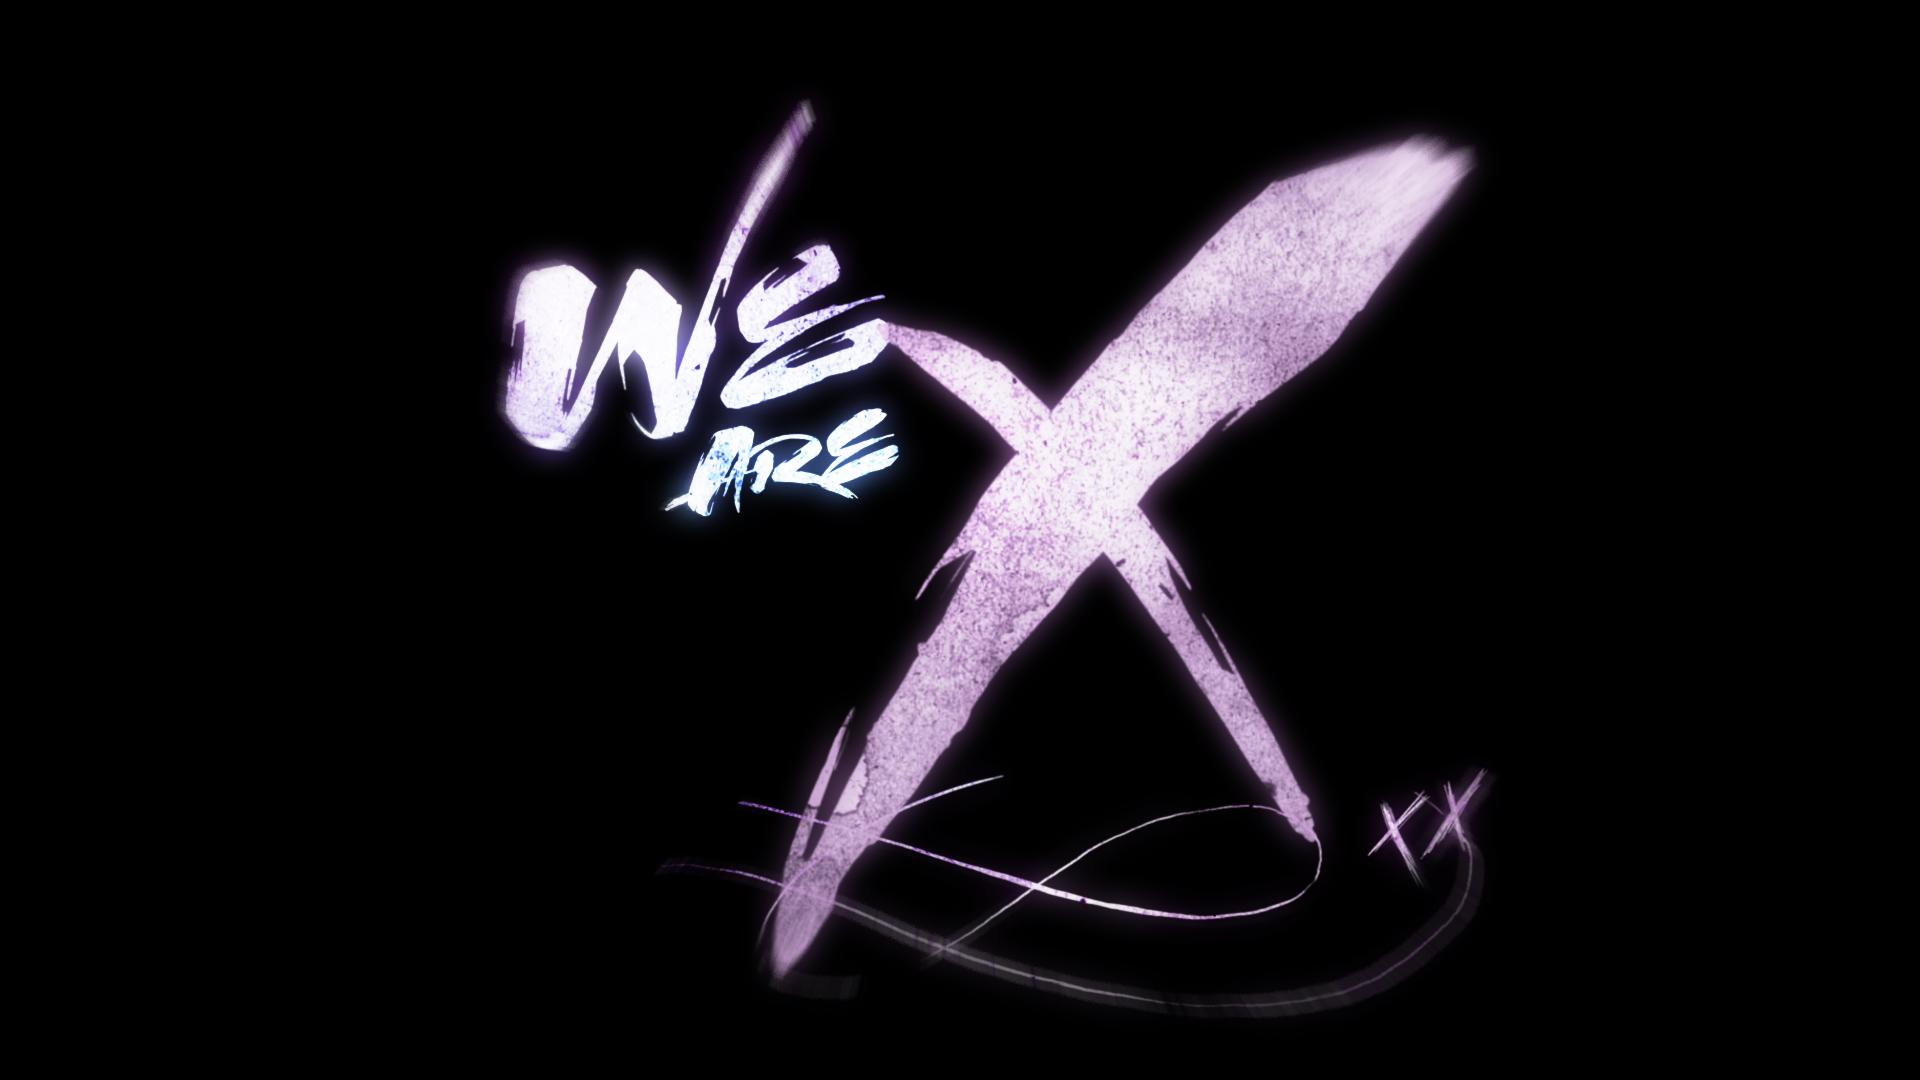 WEAREX